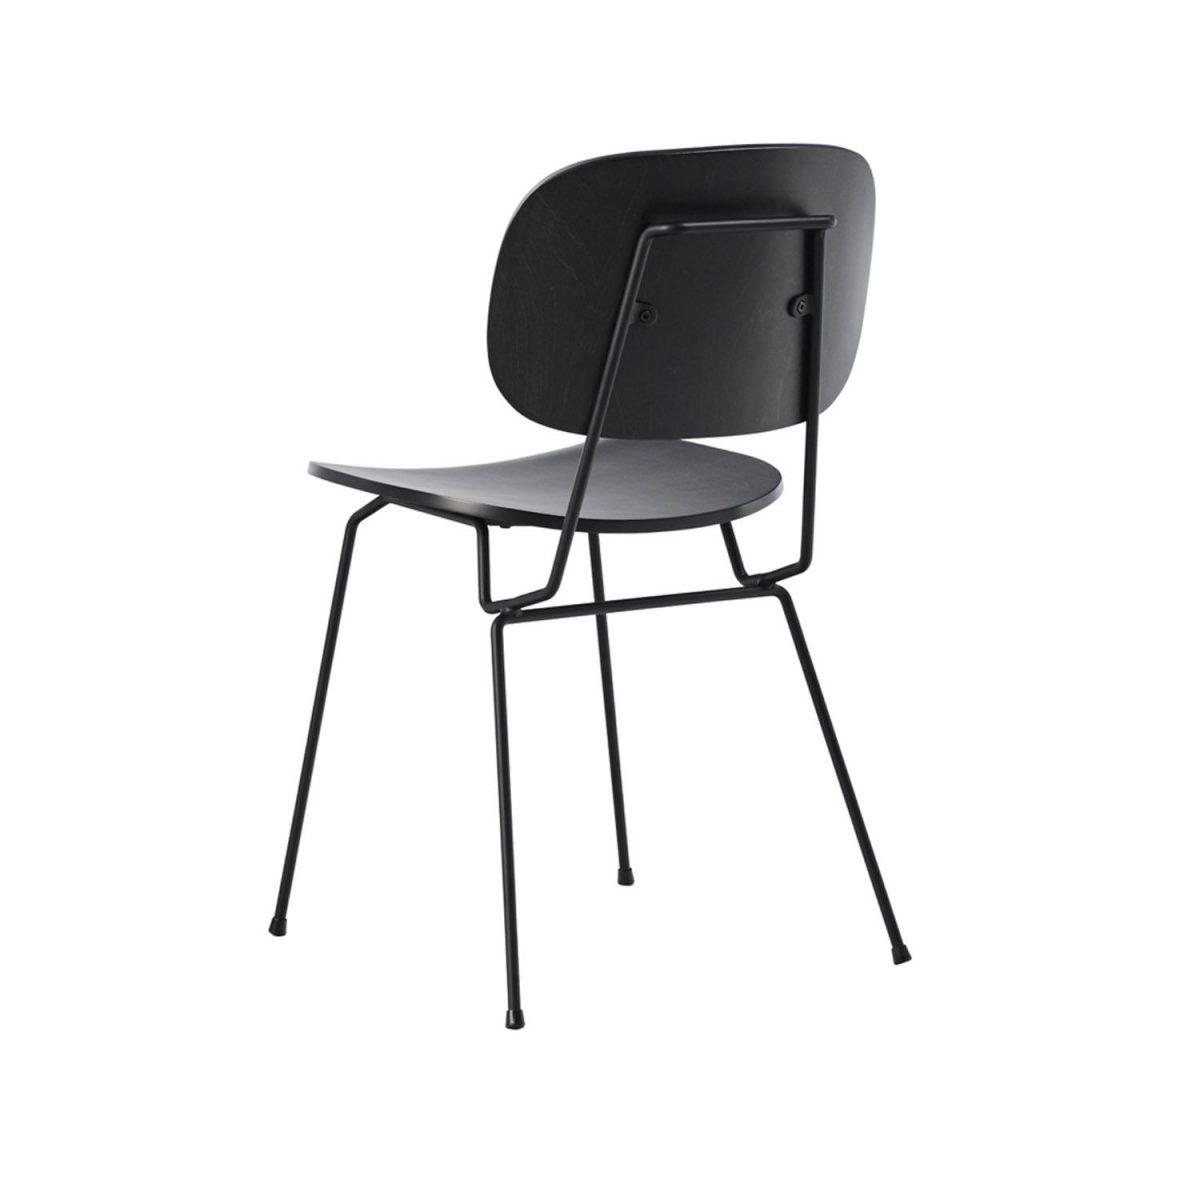 D Chair Lensvelt Hout Zwart Eetkamerstoel Project Restaurant Modern